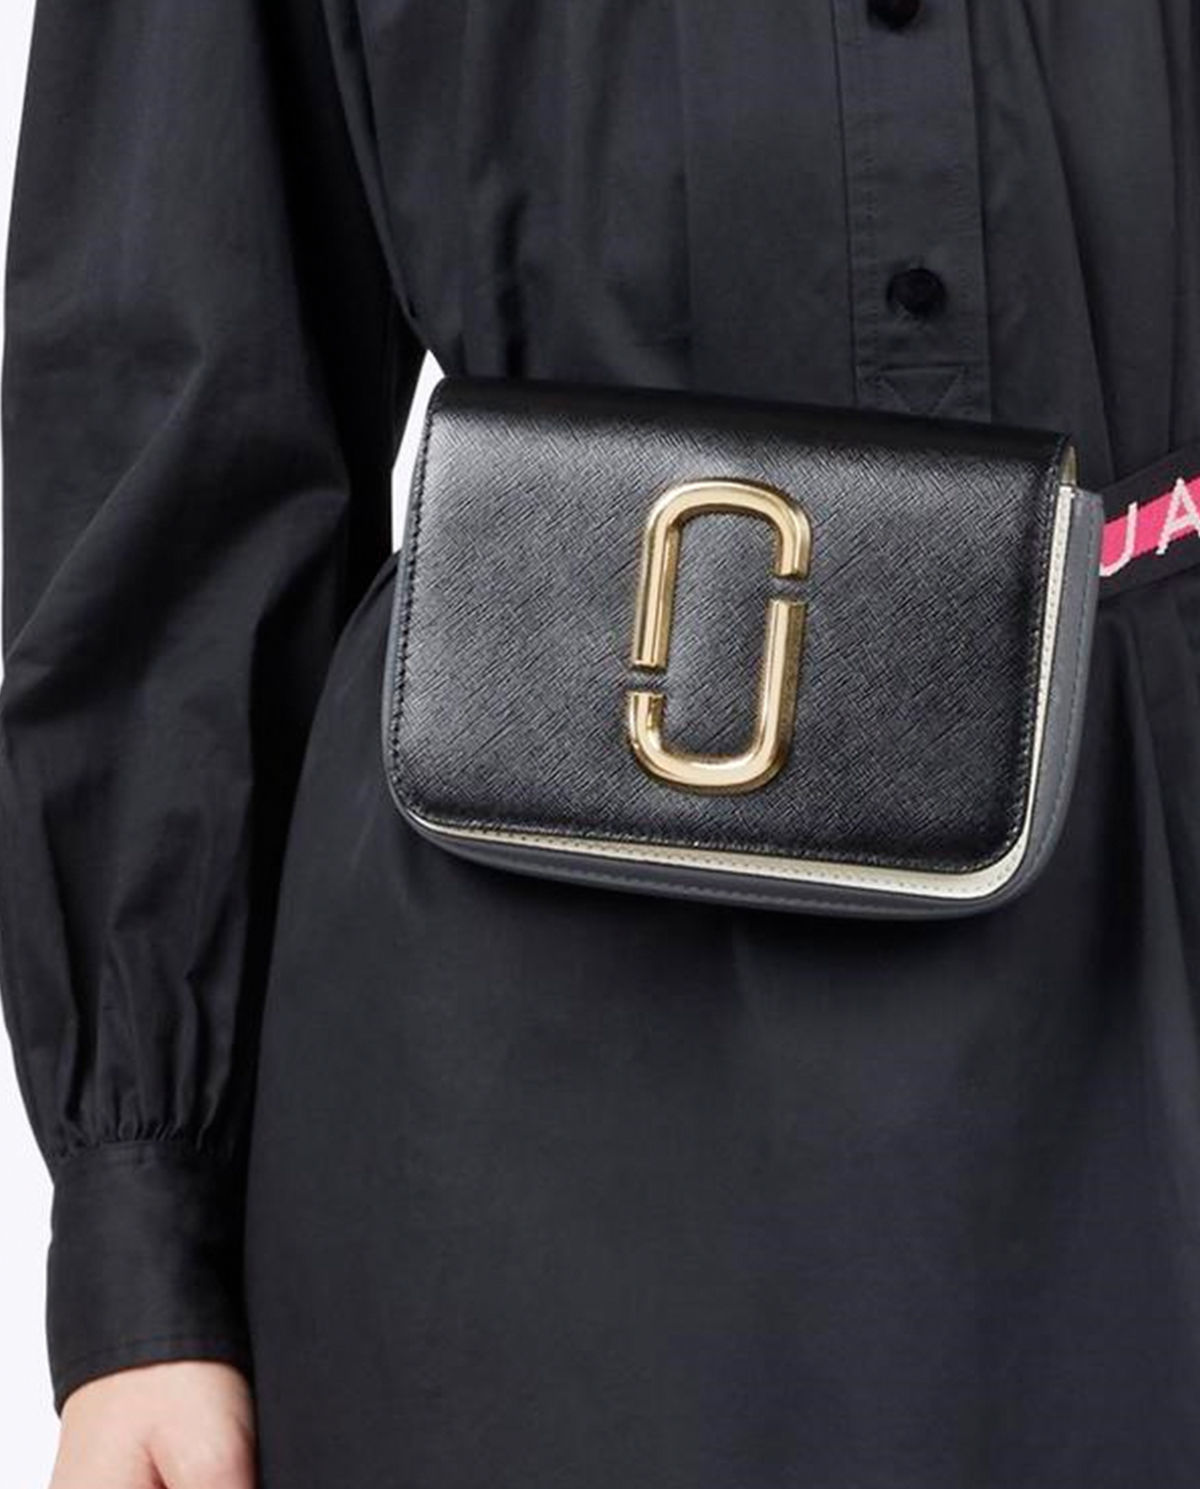 Kabelka logo strap MARC JACOBS – Kup teď! Nejlepší ceny a recenze! Obchod  Moliera2.cz. c18a24e8ac